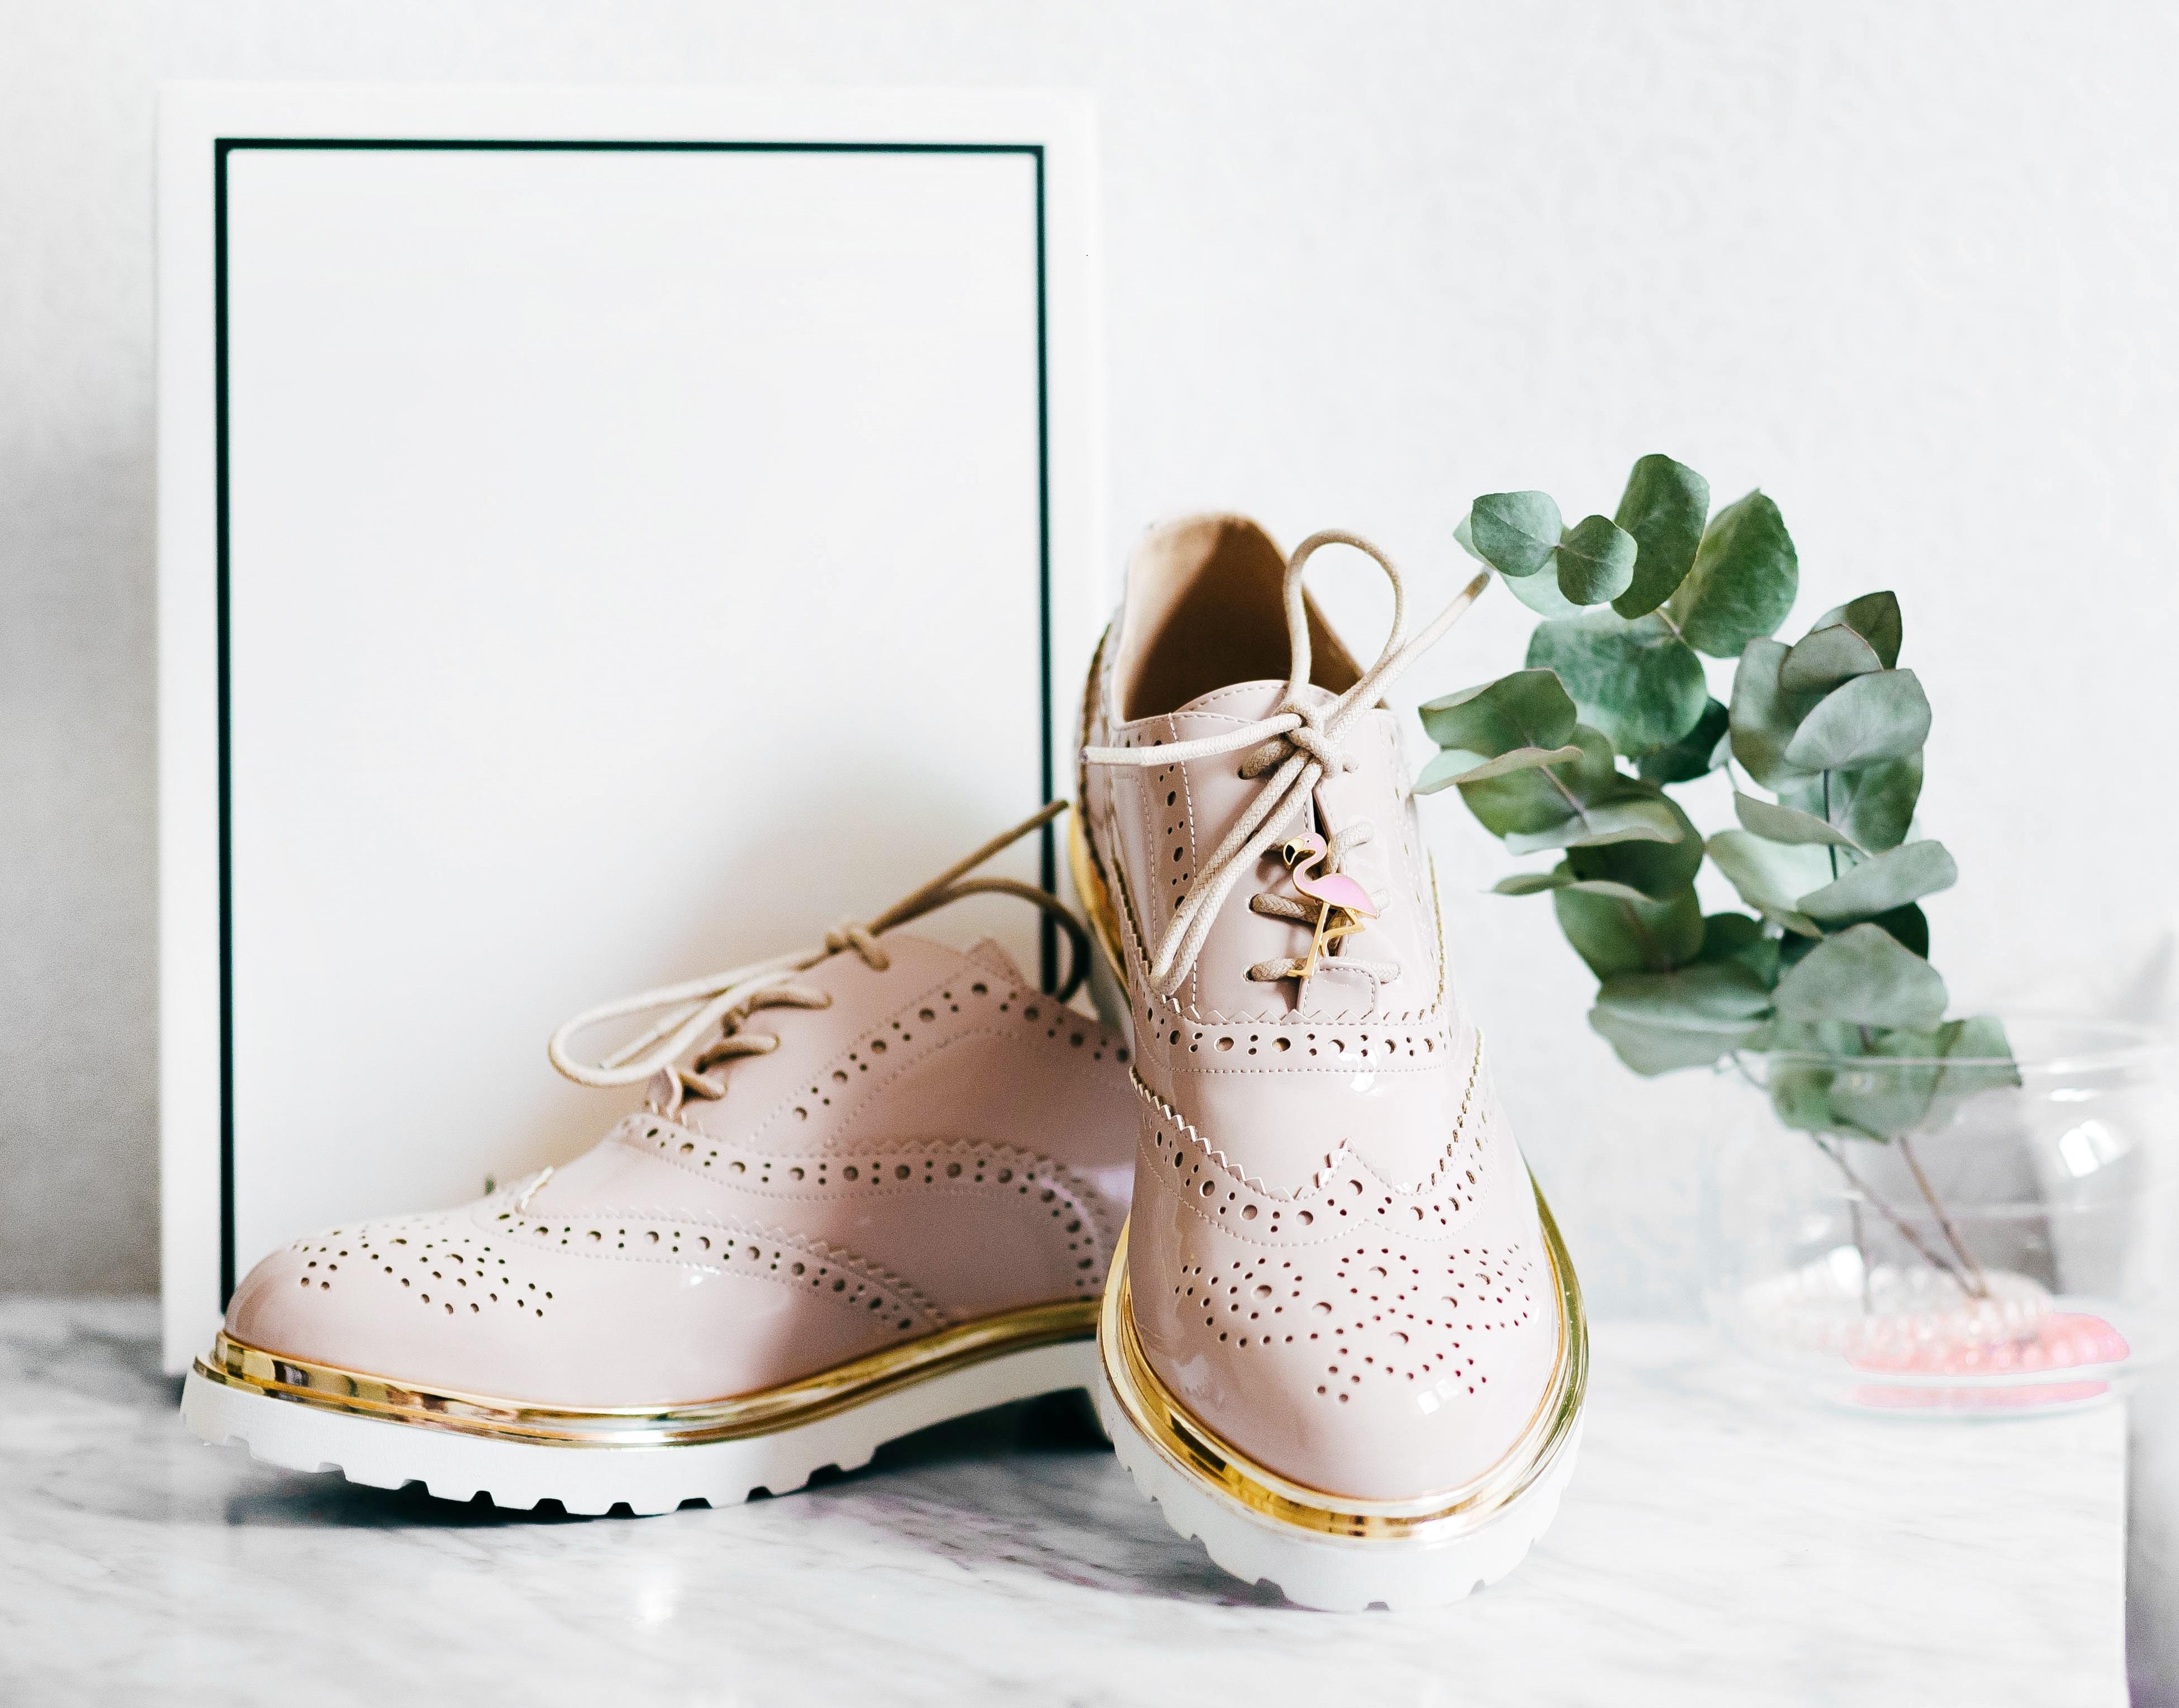 Étude sémantique : Le marché de la chaussure pour femme